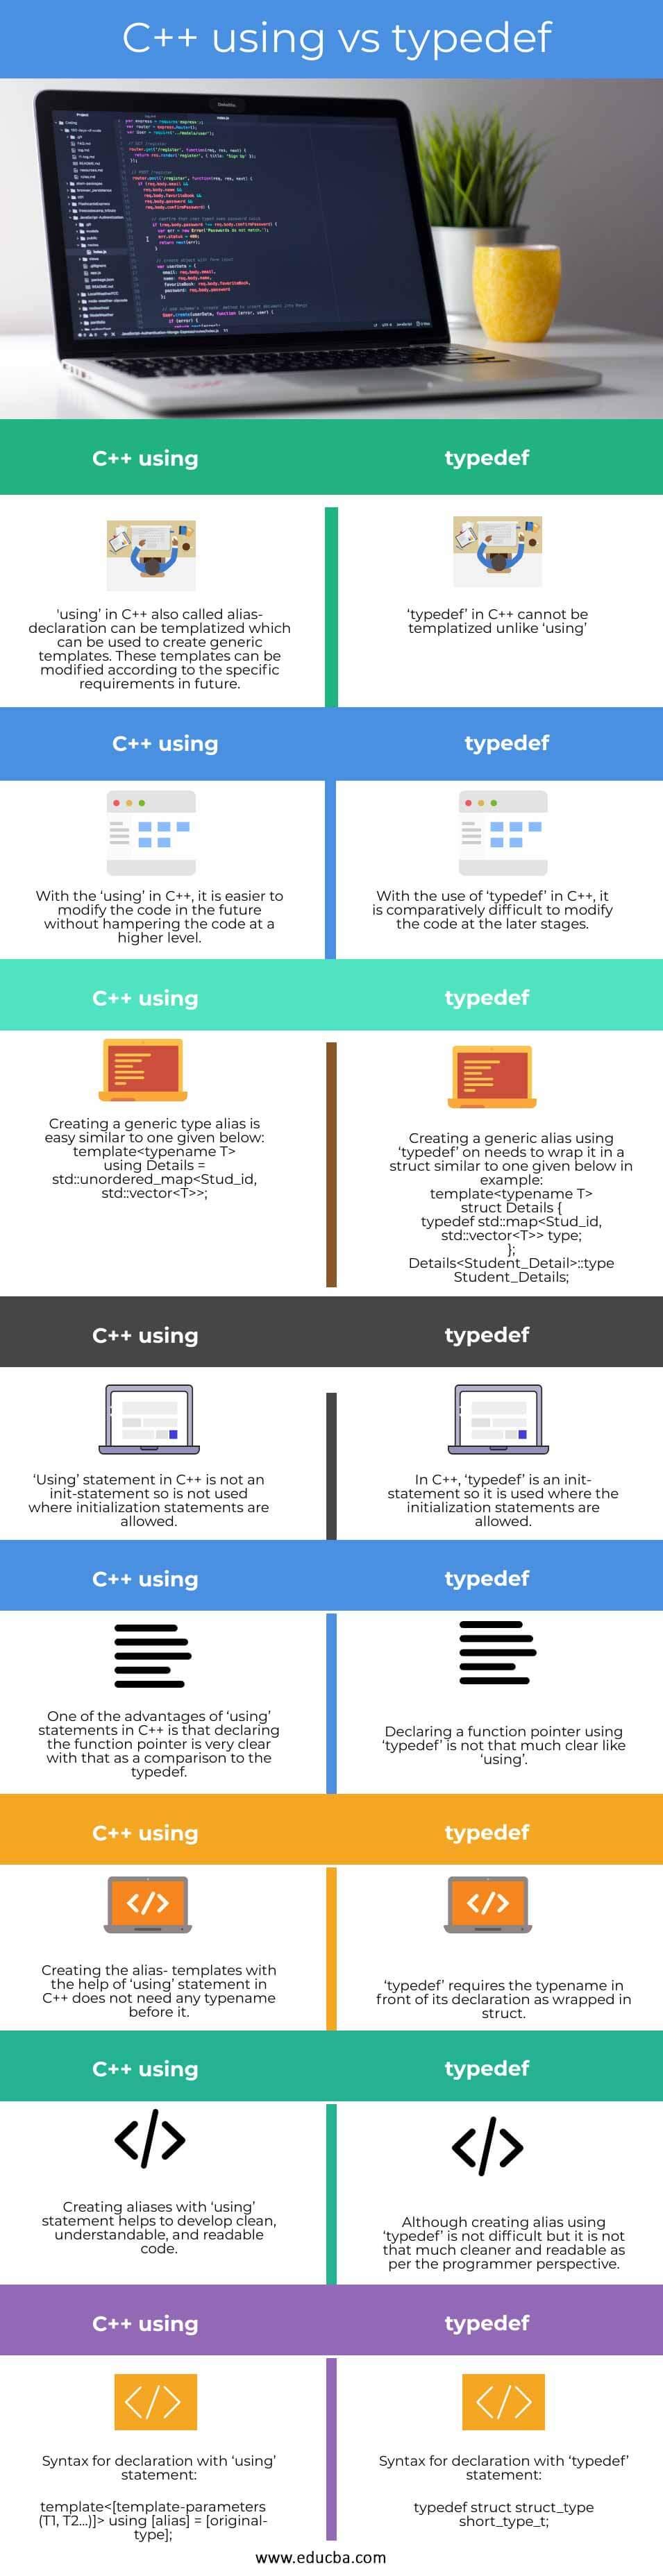 C++ using vs typedef